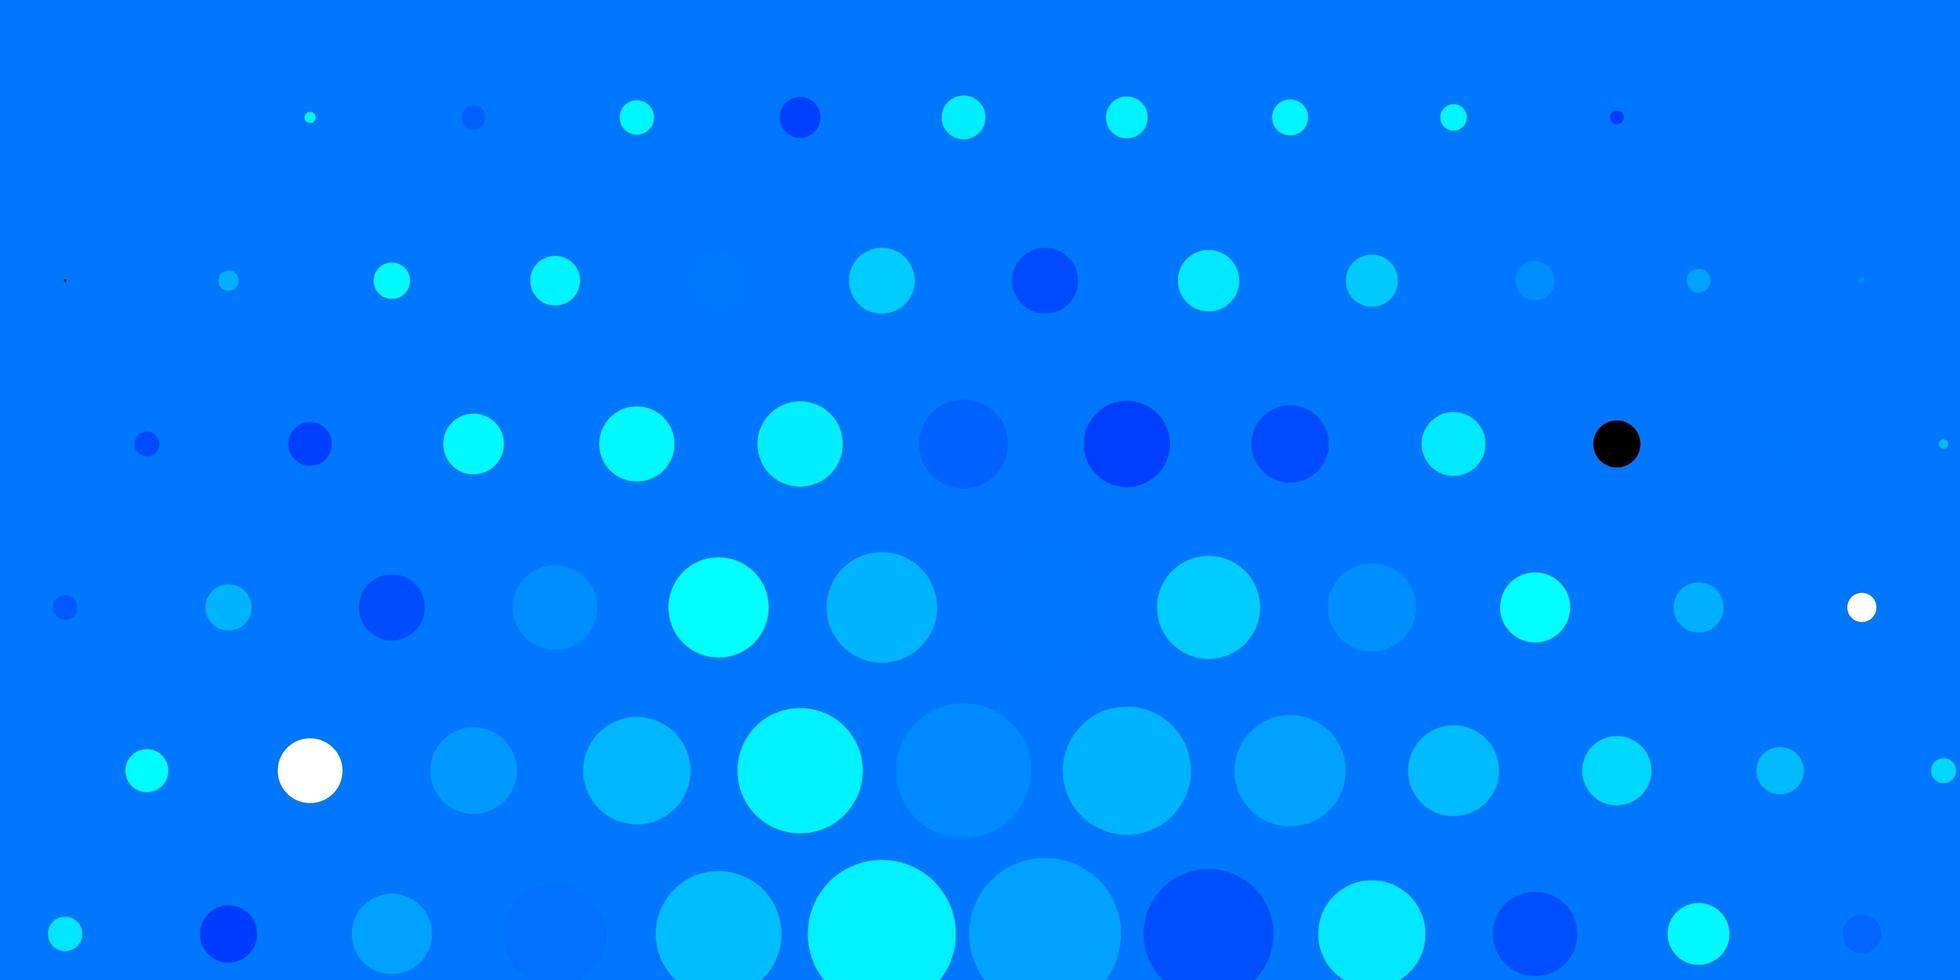 mörkblå vektorlayout med cirkelformer. vektor